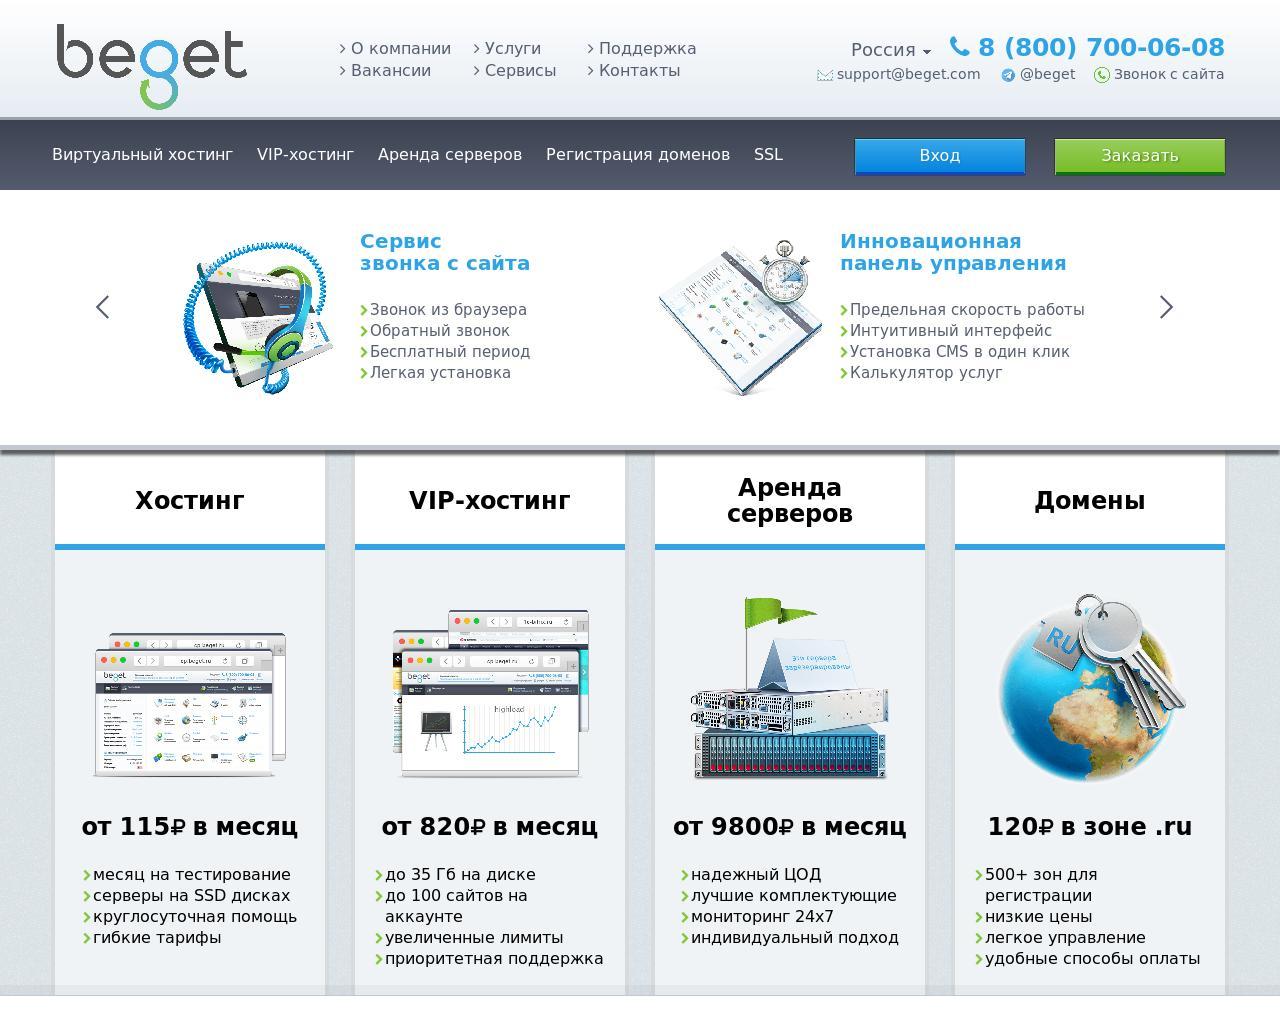 Сайты любителей виртуального 2 фотография